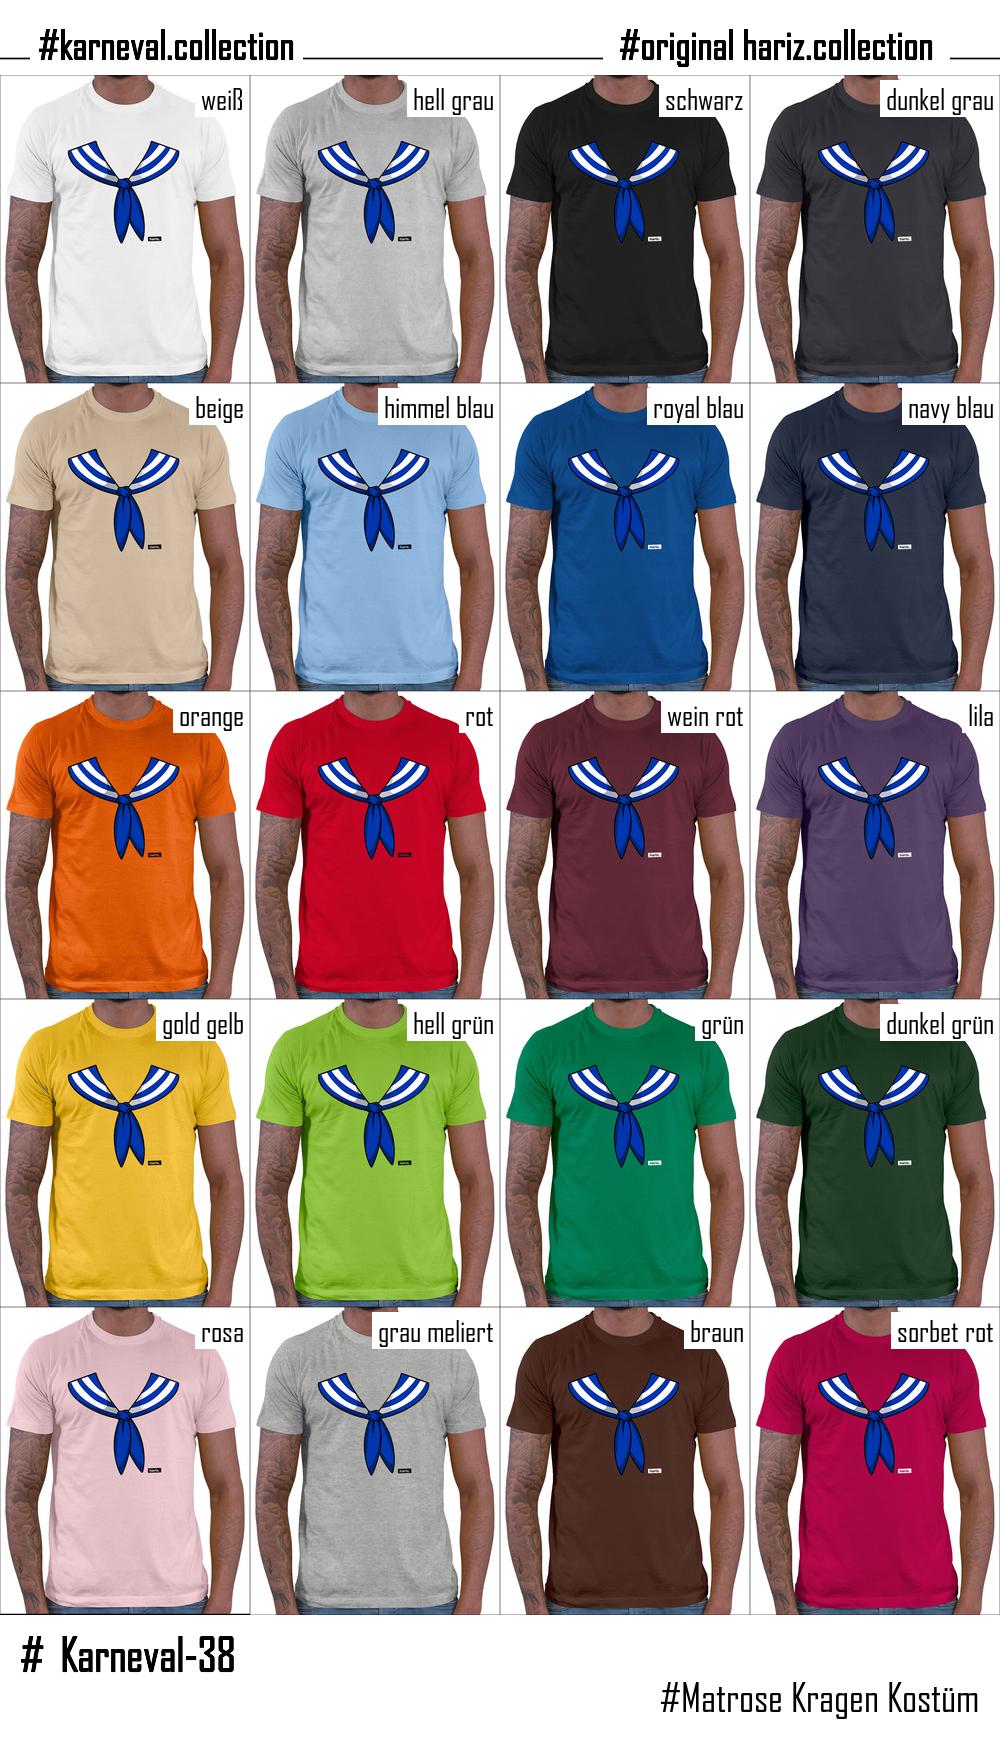 676d872512402d Matrose Kragen Kostüm Herren T-Shirt    20 Farben